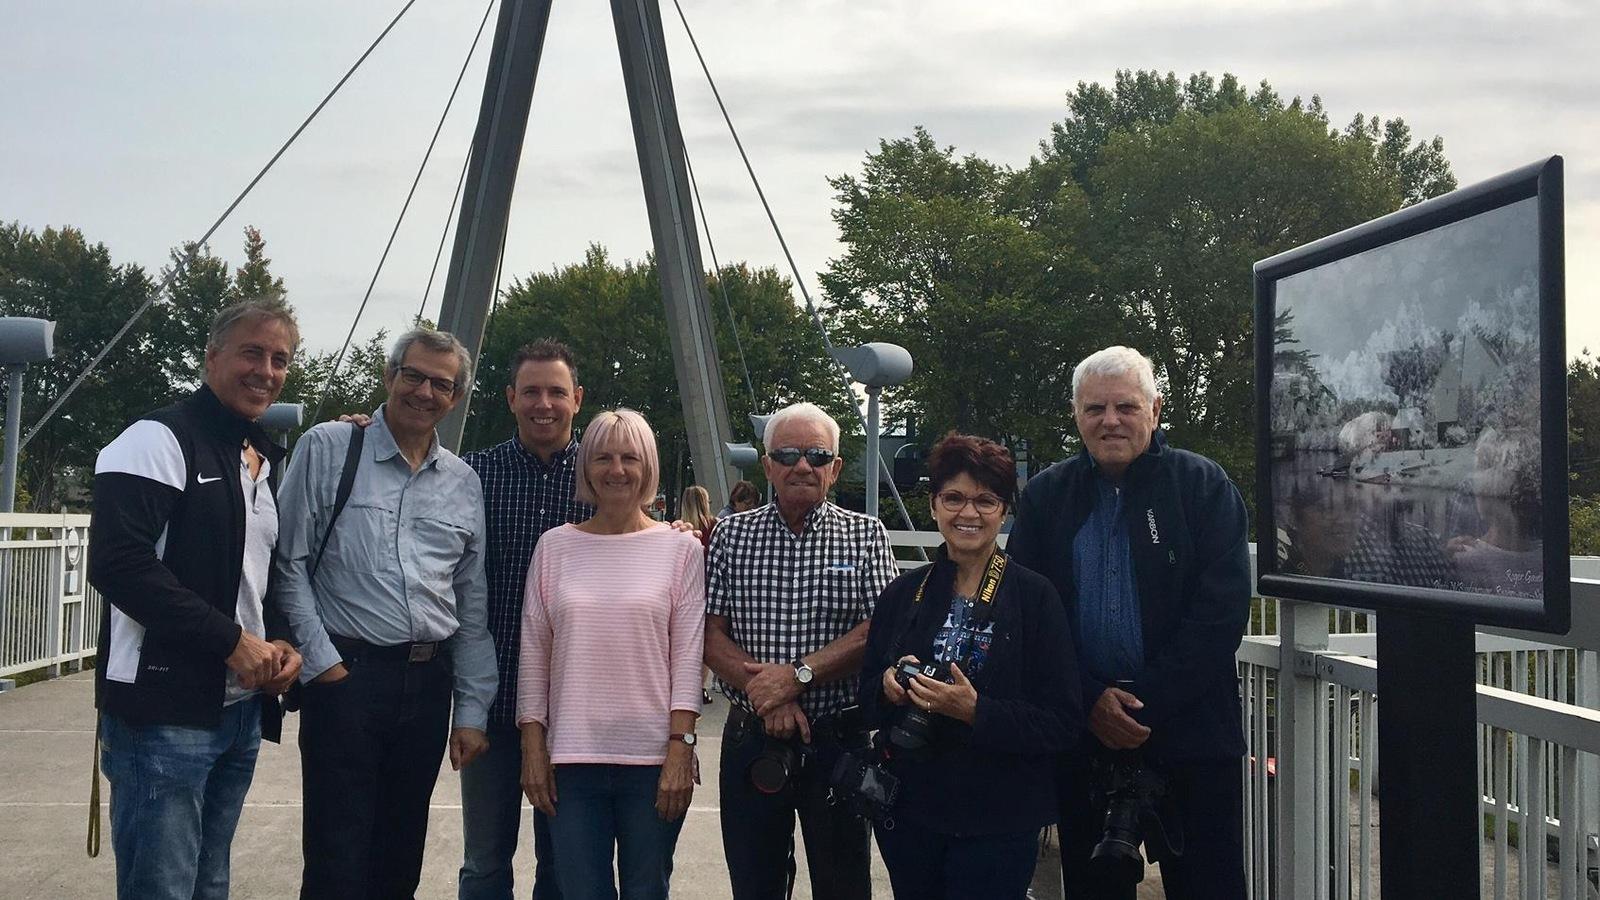 Le conseiller municipal Jonathan Tremblay et des membres du Club photo JAK sur le pont d'aluminium.